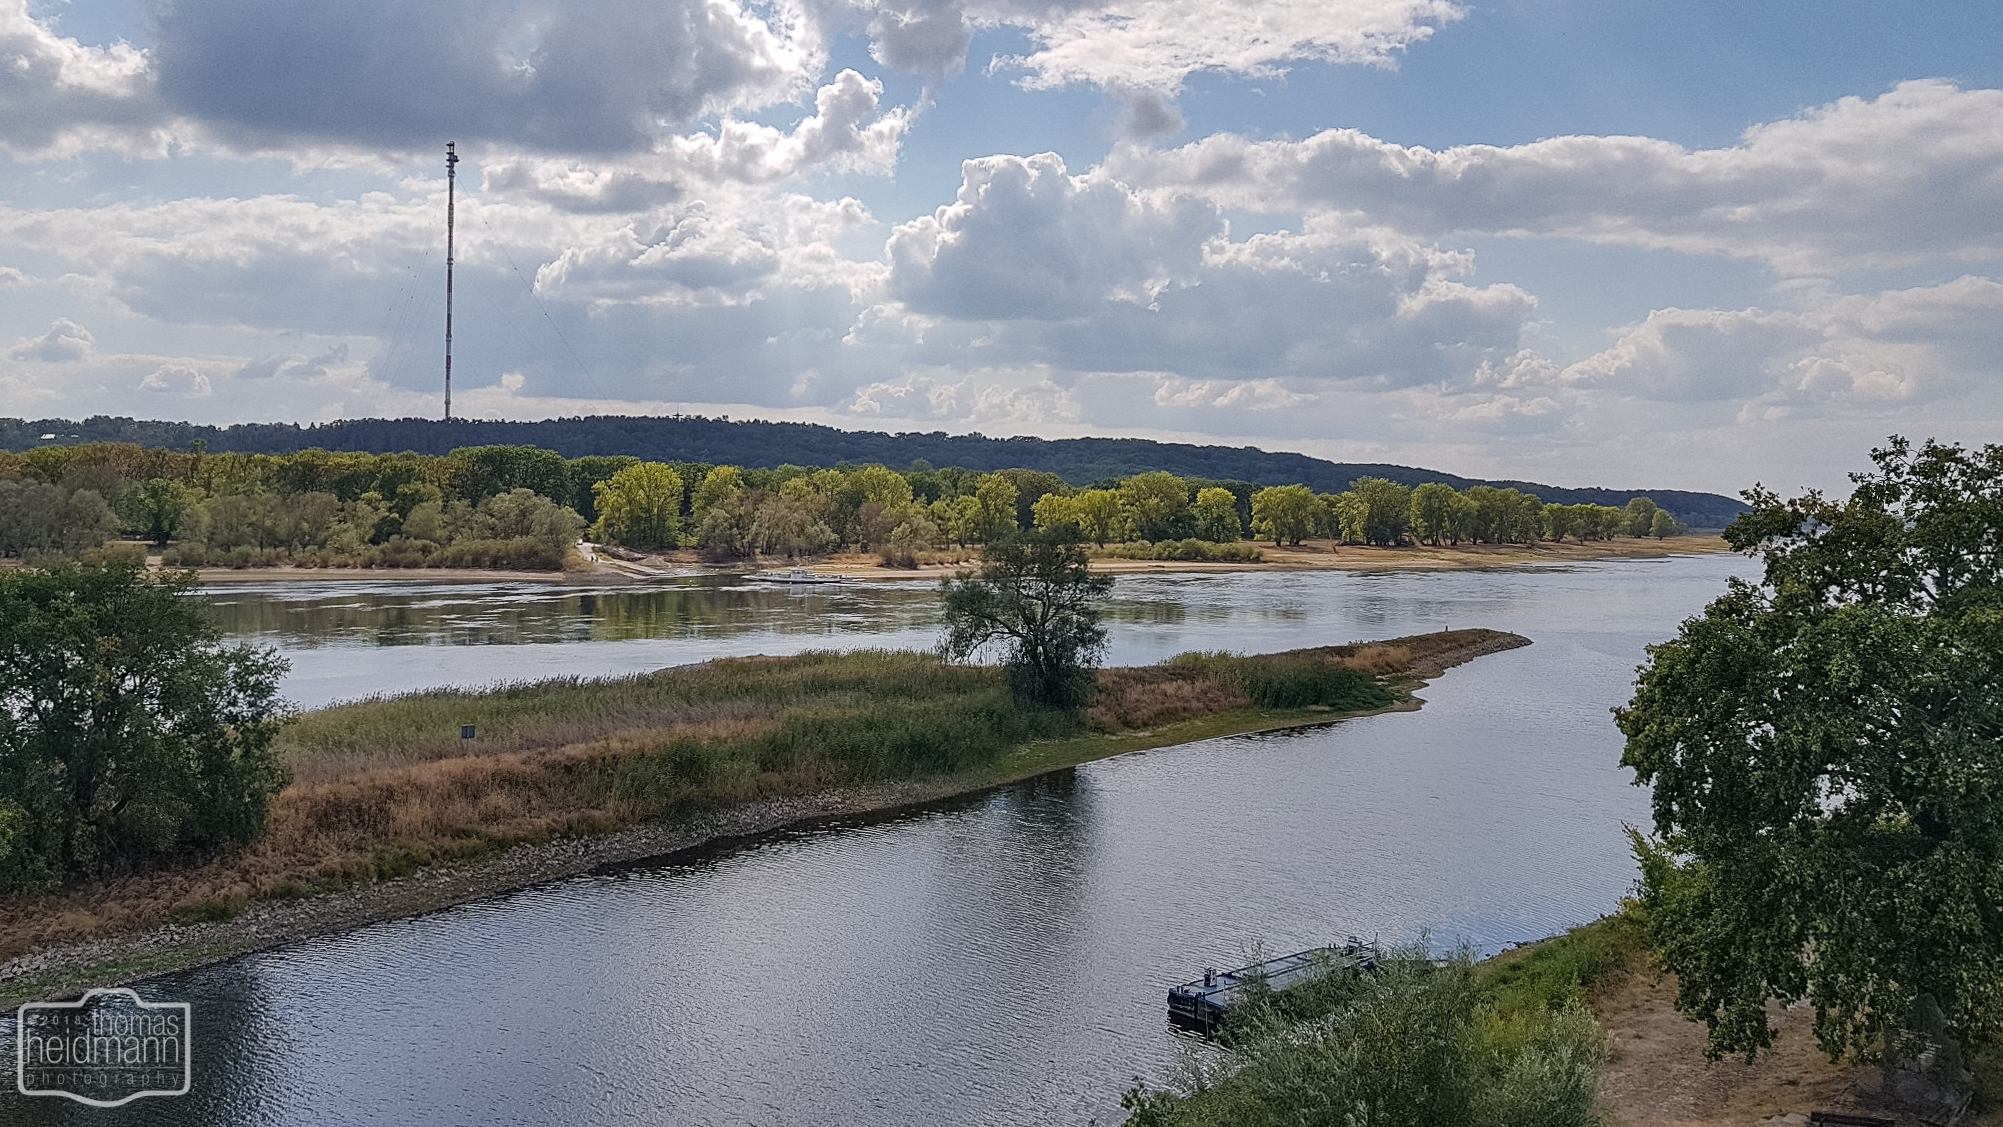 Radtour an der Elbe bei Lenzen am See